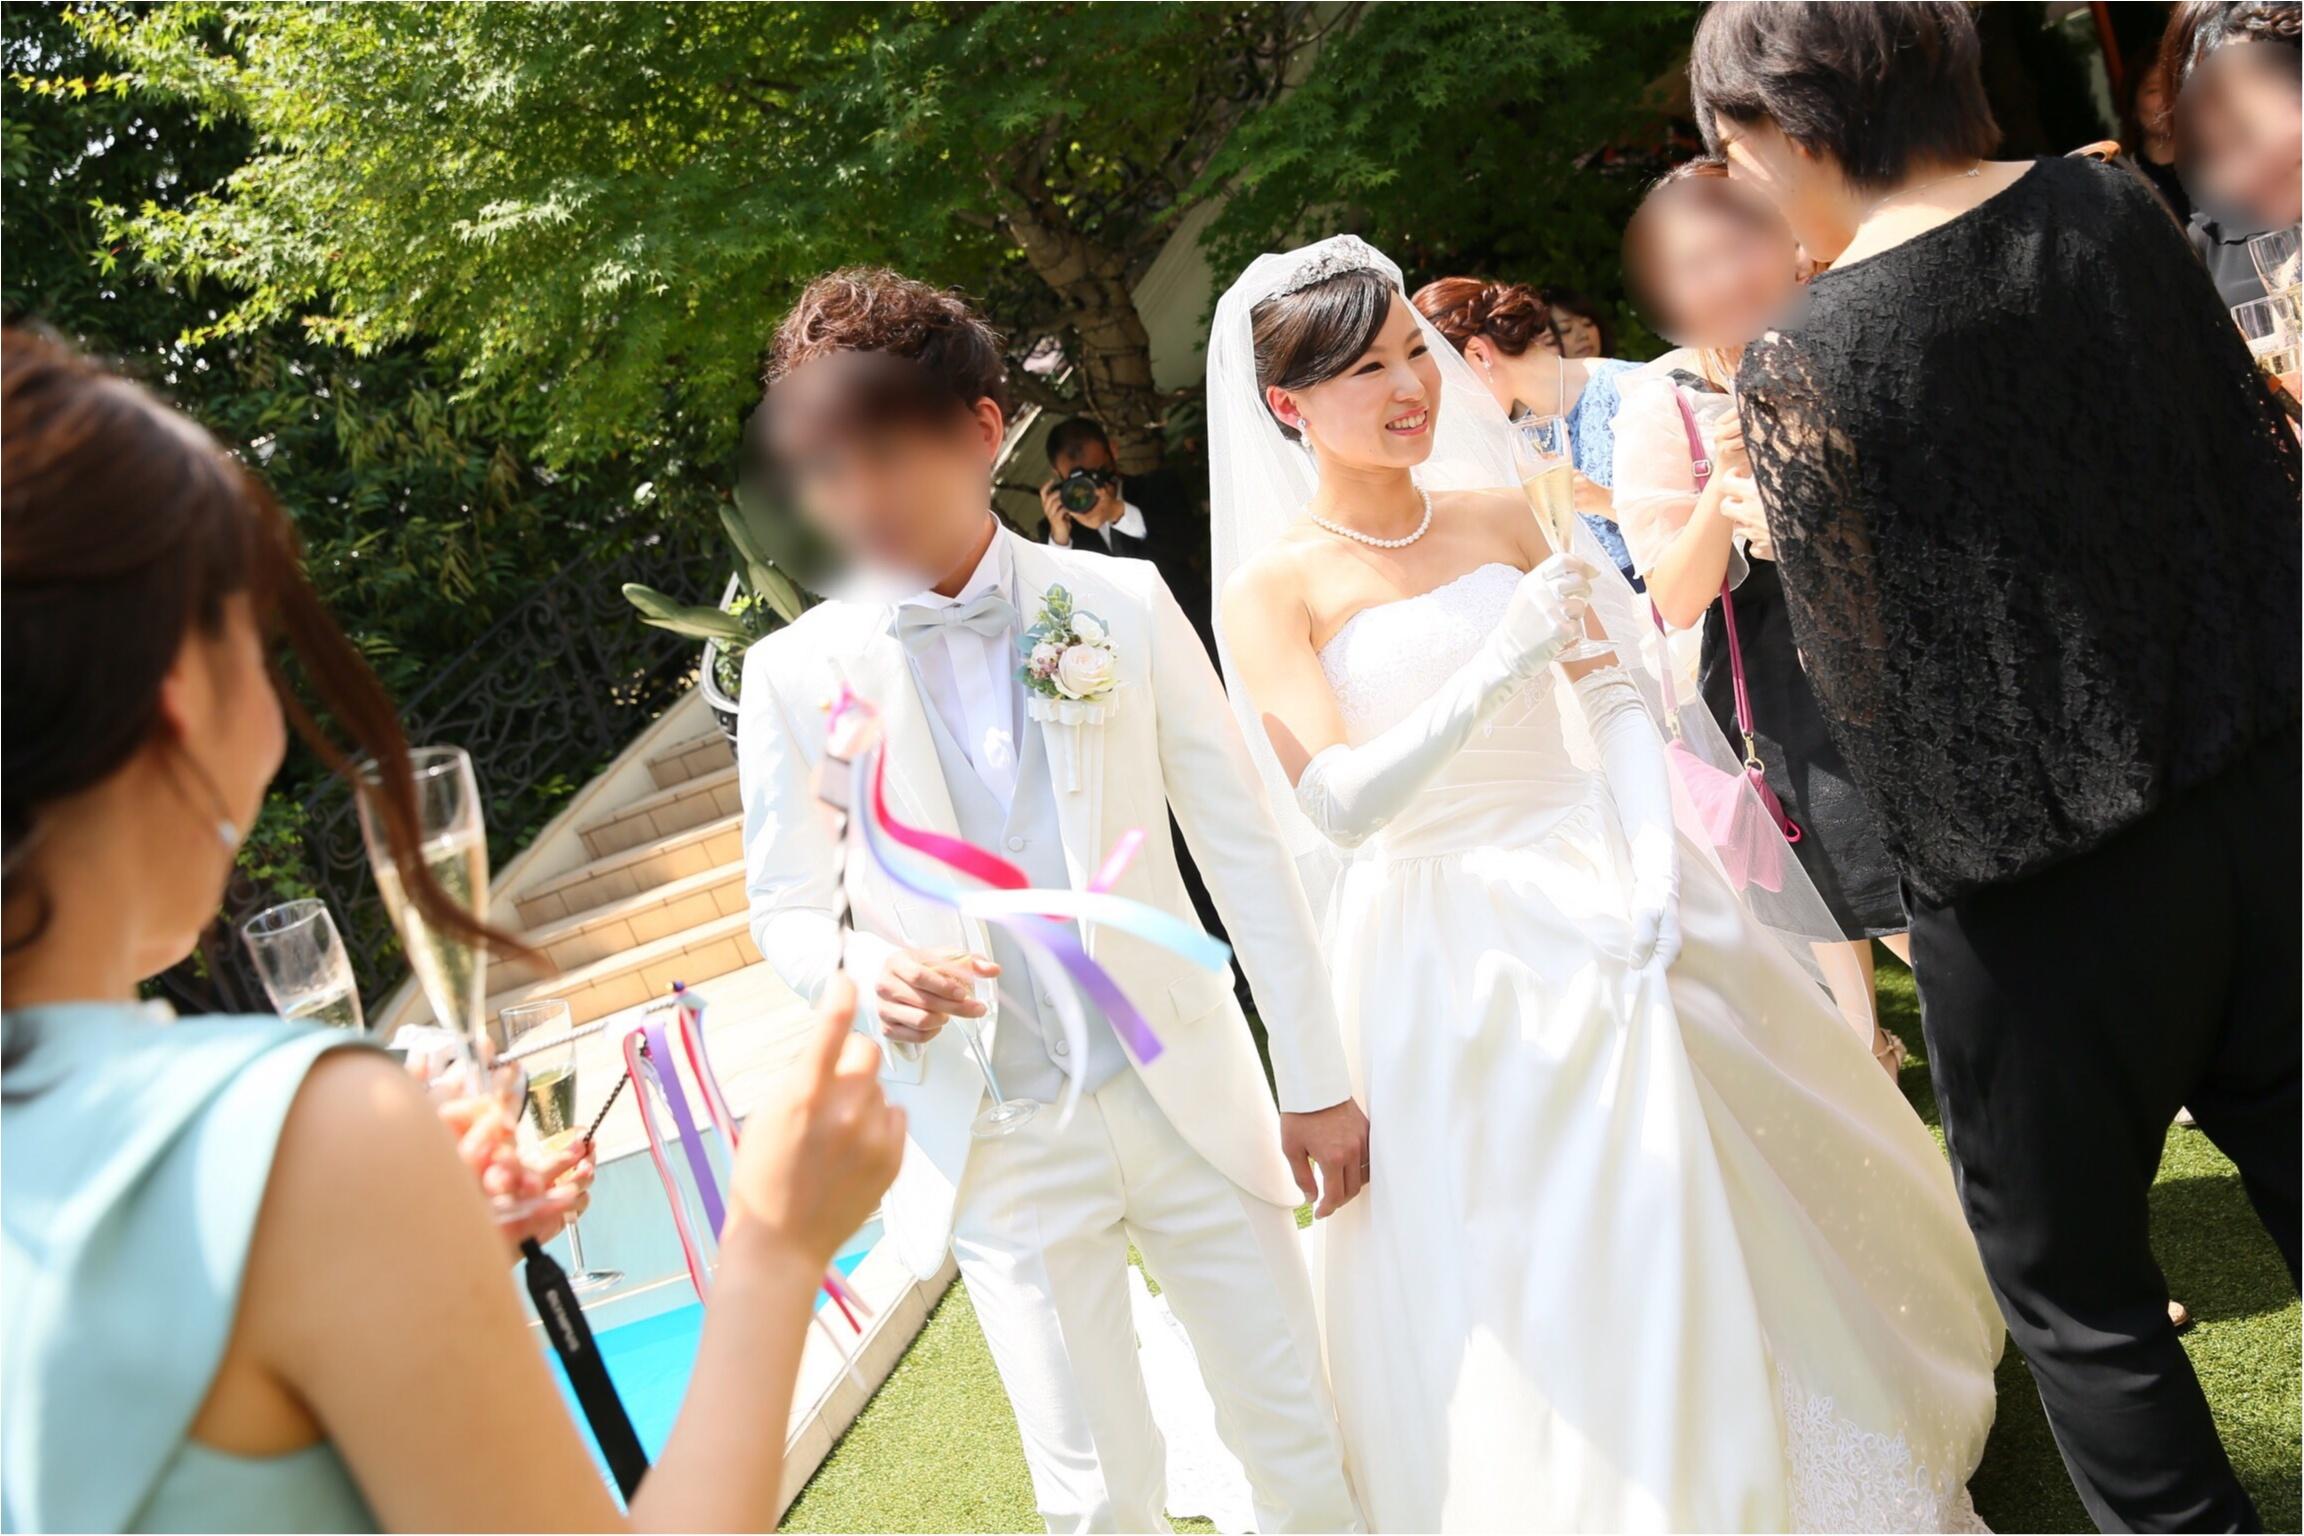 moco婚④▶︎ガーデンセレモニーはリボンワンズで華を添えて♡_9